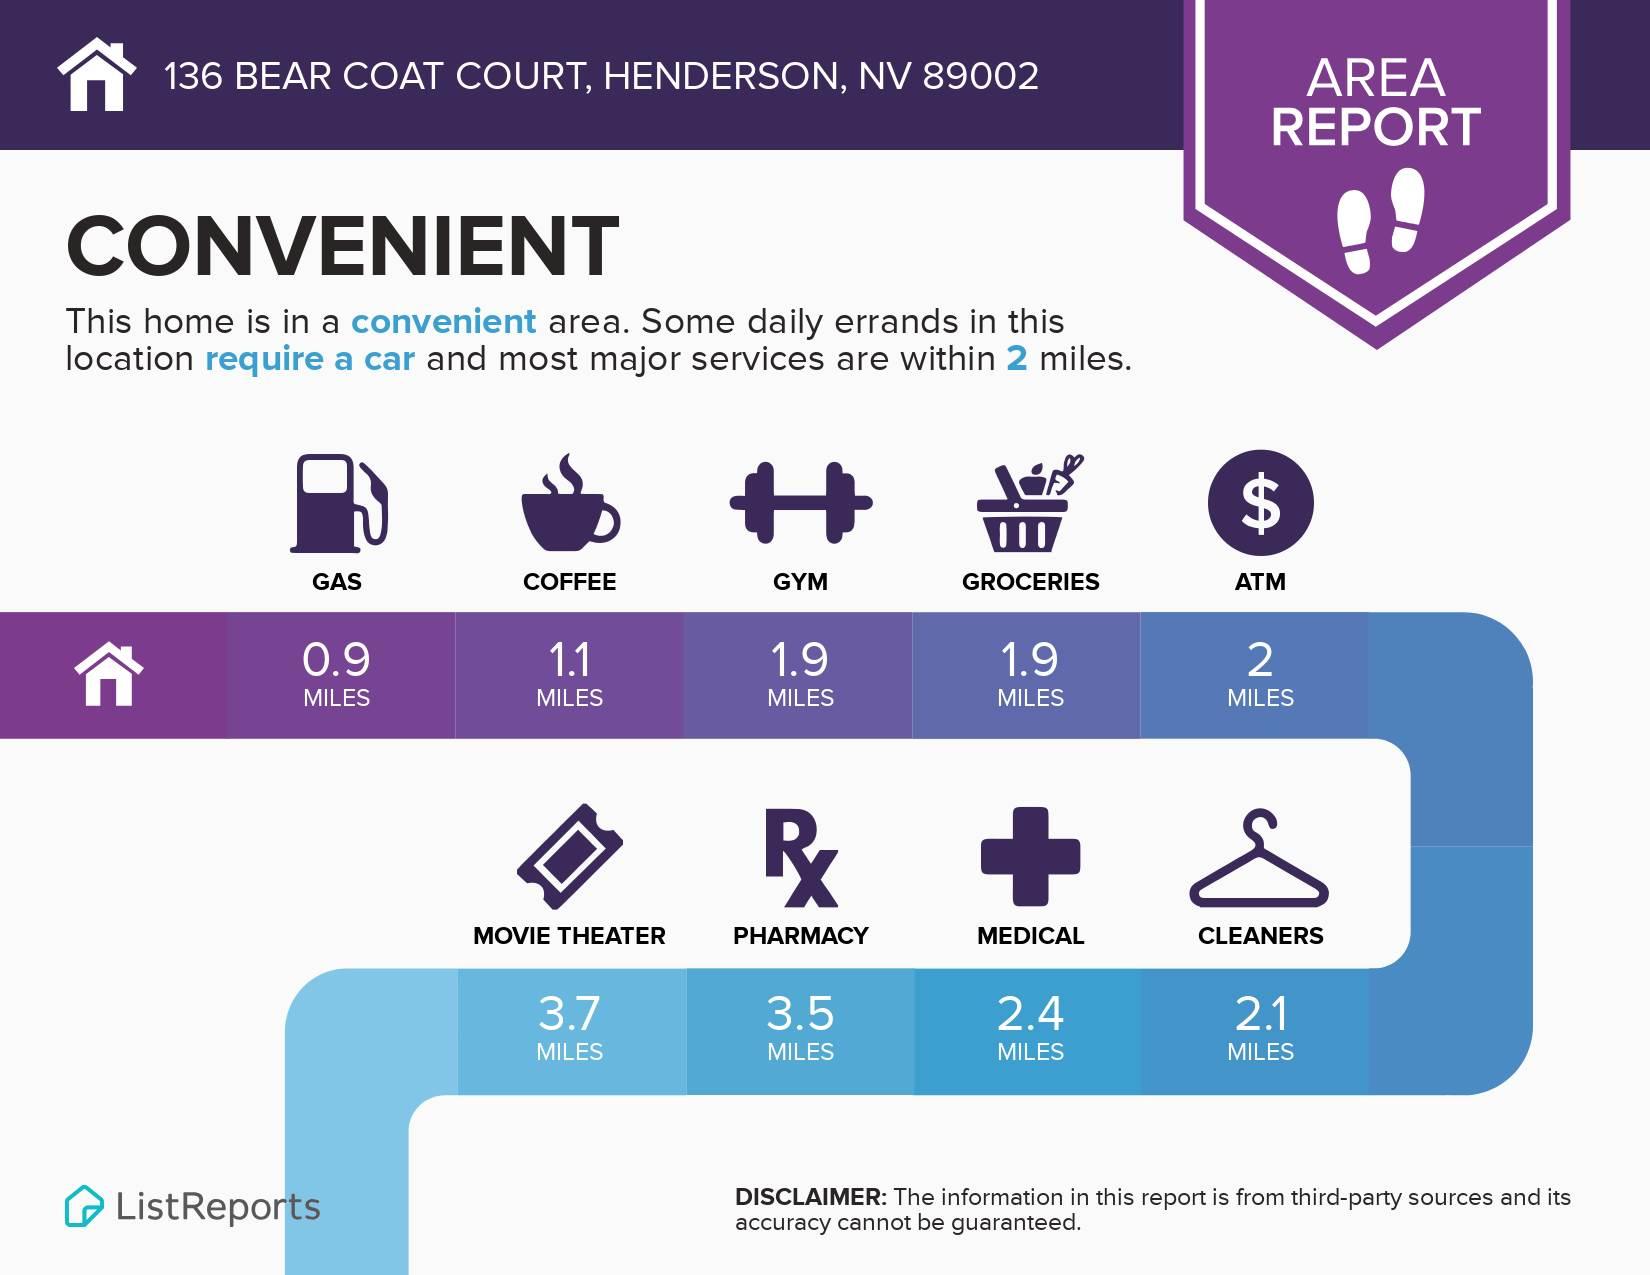 136 Bear Coat Court, Henderson, NV 89002